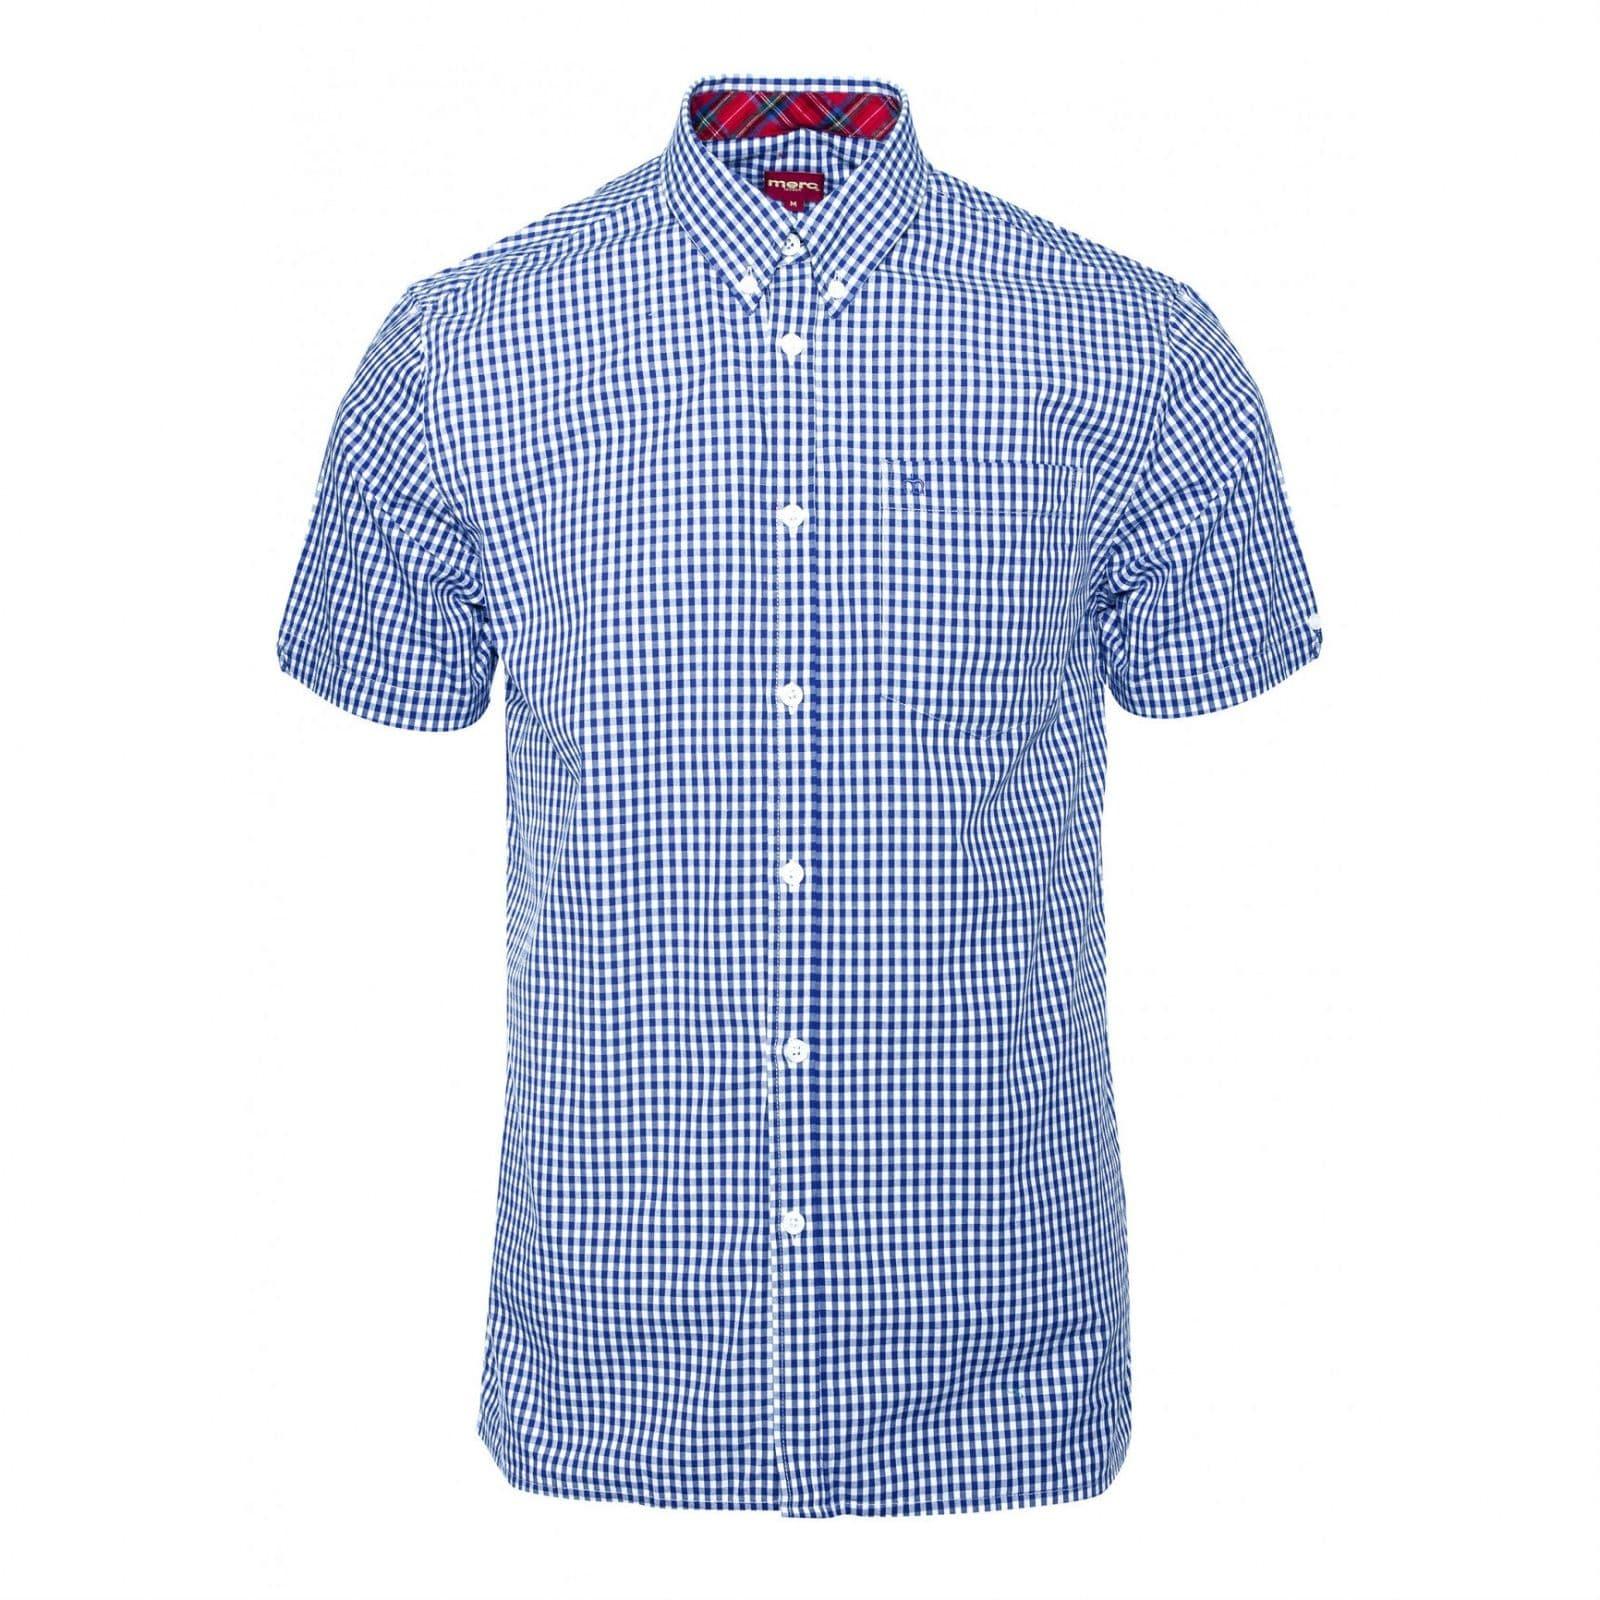 Рубашка TerryКлассические<br>Эта классическая, приталенная рубашка всесезонной базовой линии CORE производится почти в неизменном виде на протяжении десятилетий, символизируя верность Merc своему полувековому наследию и исконному casual стилю. &amp;lt;br /&amp;gt;<br>&amp;lt;br /&amp;gt;<br>Традиционная мелкая двухцветная английская клетка прекрасно сочетается с большинством легких курток, тренчей и парок. Визитная карточка рубашек Merc - воротник &amp;amp;quot;button-down&amp;amp;quot; на пуговицах - делает ее идеальной для комбинации с V-neck свитерами, жилетами и кардиганами.&amp;lt;br /&amp;gt;<br>&amp;lt;br /&amp;gt;<br>Прямой низ позволяет с комфортом заправлять эту рубашку в брюки, джинсы или шорты, хотя ее можно носить и на выпуск: под курткой, блейзером или саму по себе. &amp;lt;br /&amp;gt;<br><br>Артикул: 1507108<br>Материал: 100% хлопок<br>Цвет: бело-голубая клетка<br>Пол: Мужской